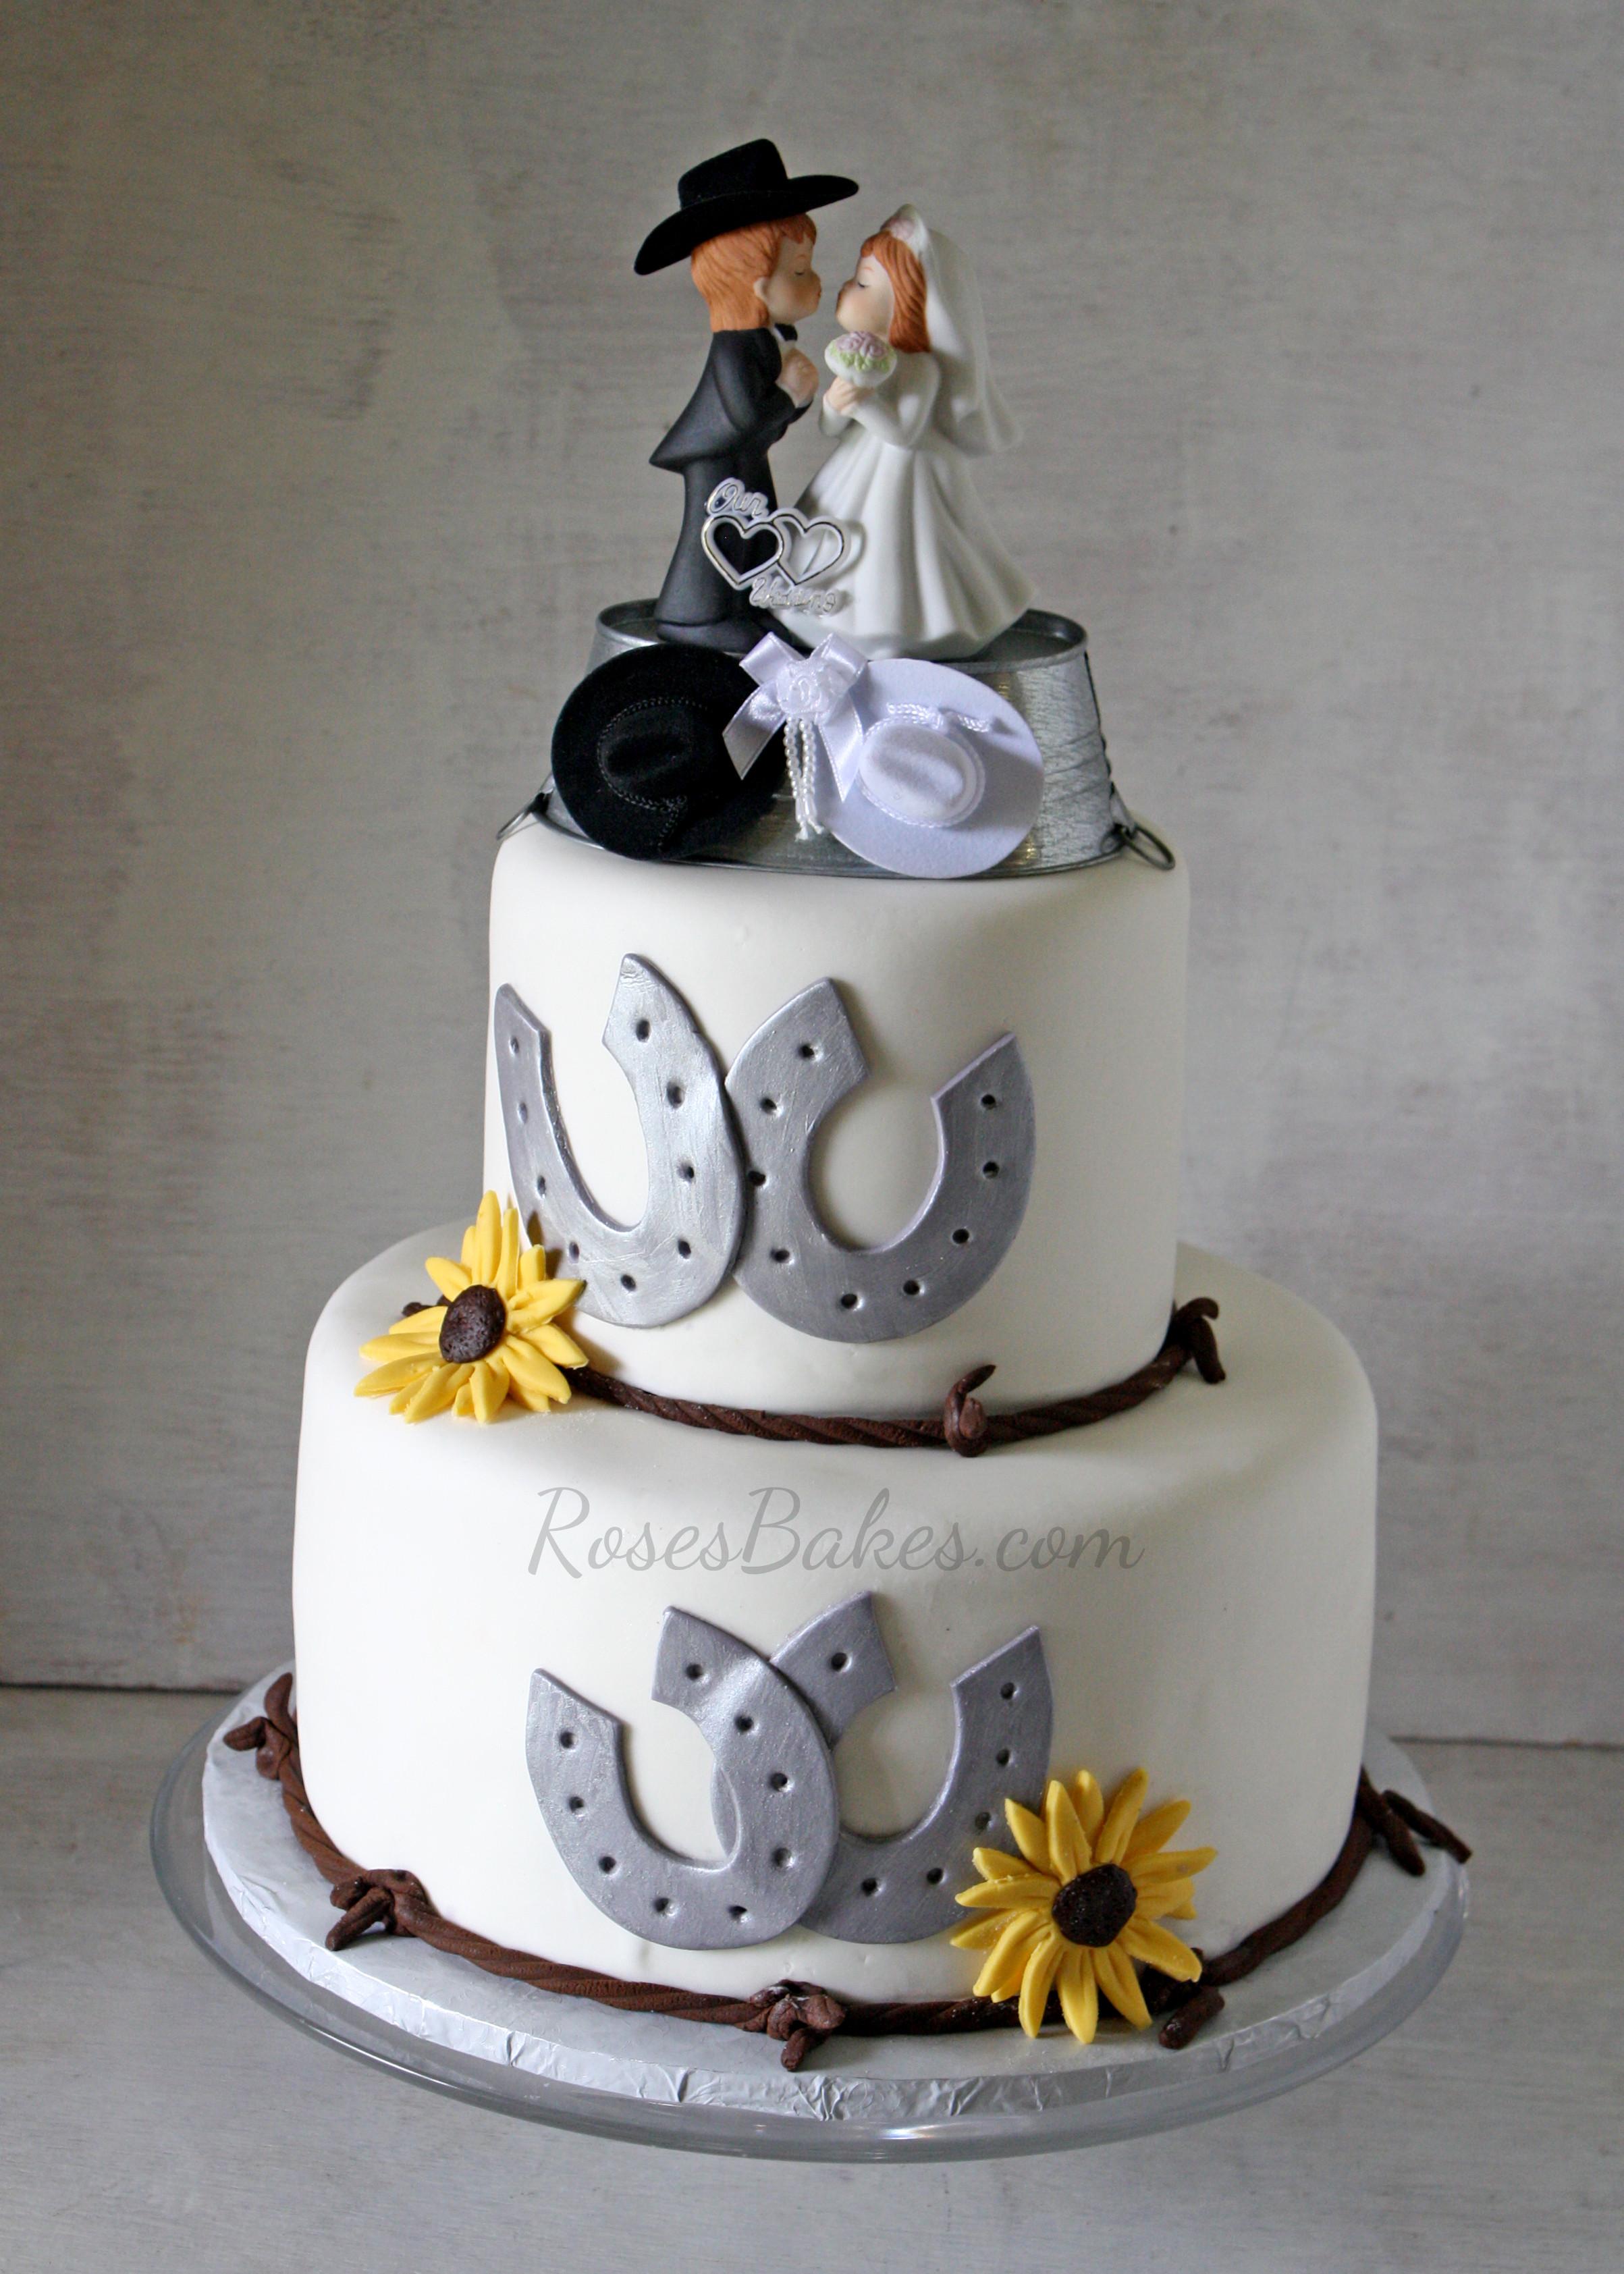 Cowboy Wedding Cakes  Western Wedding Cake Rose Bakes